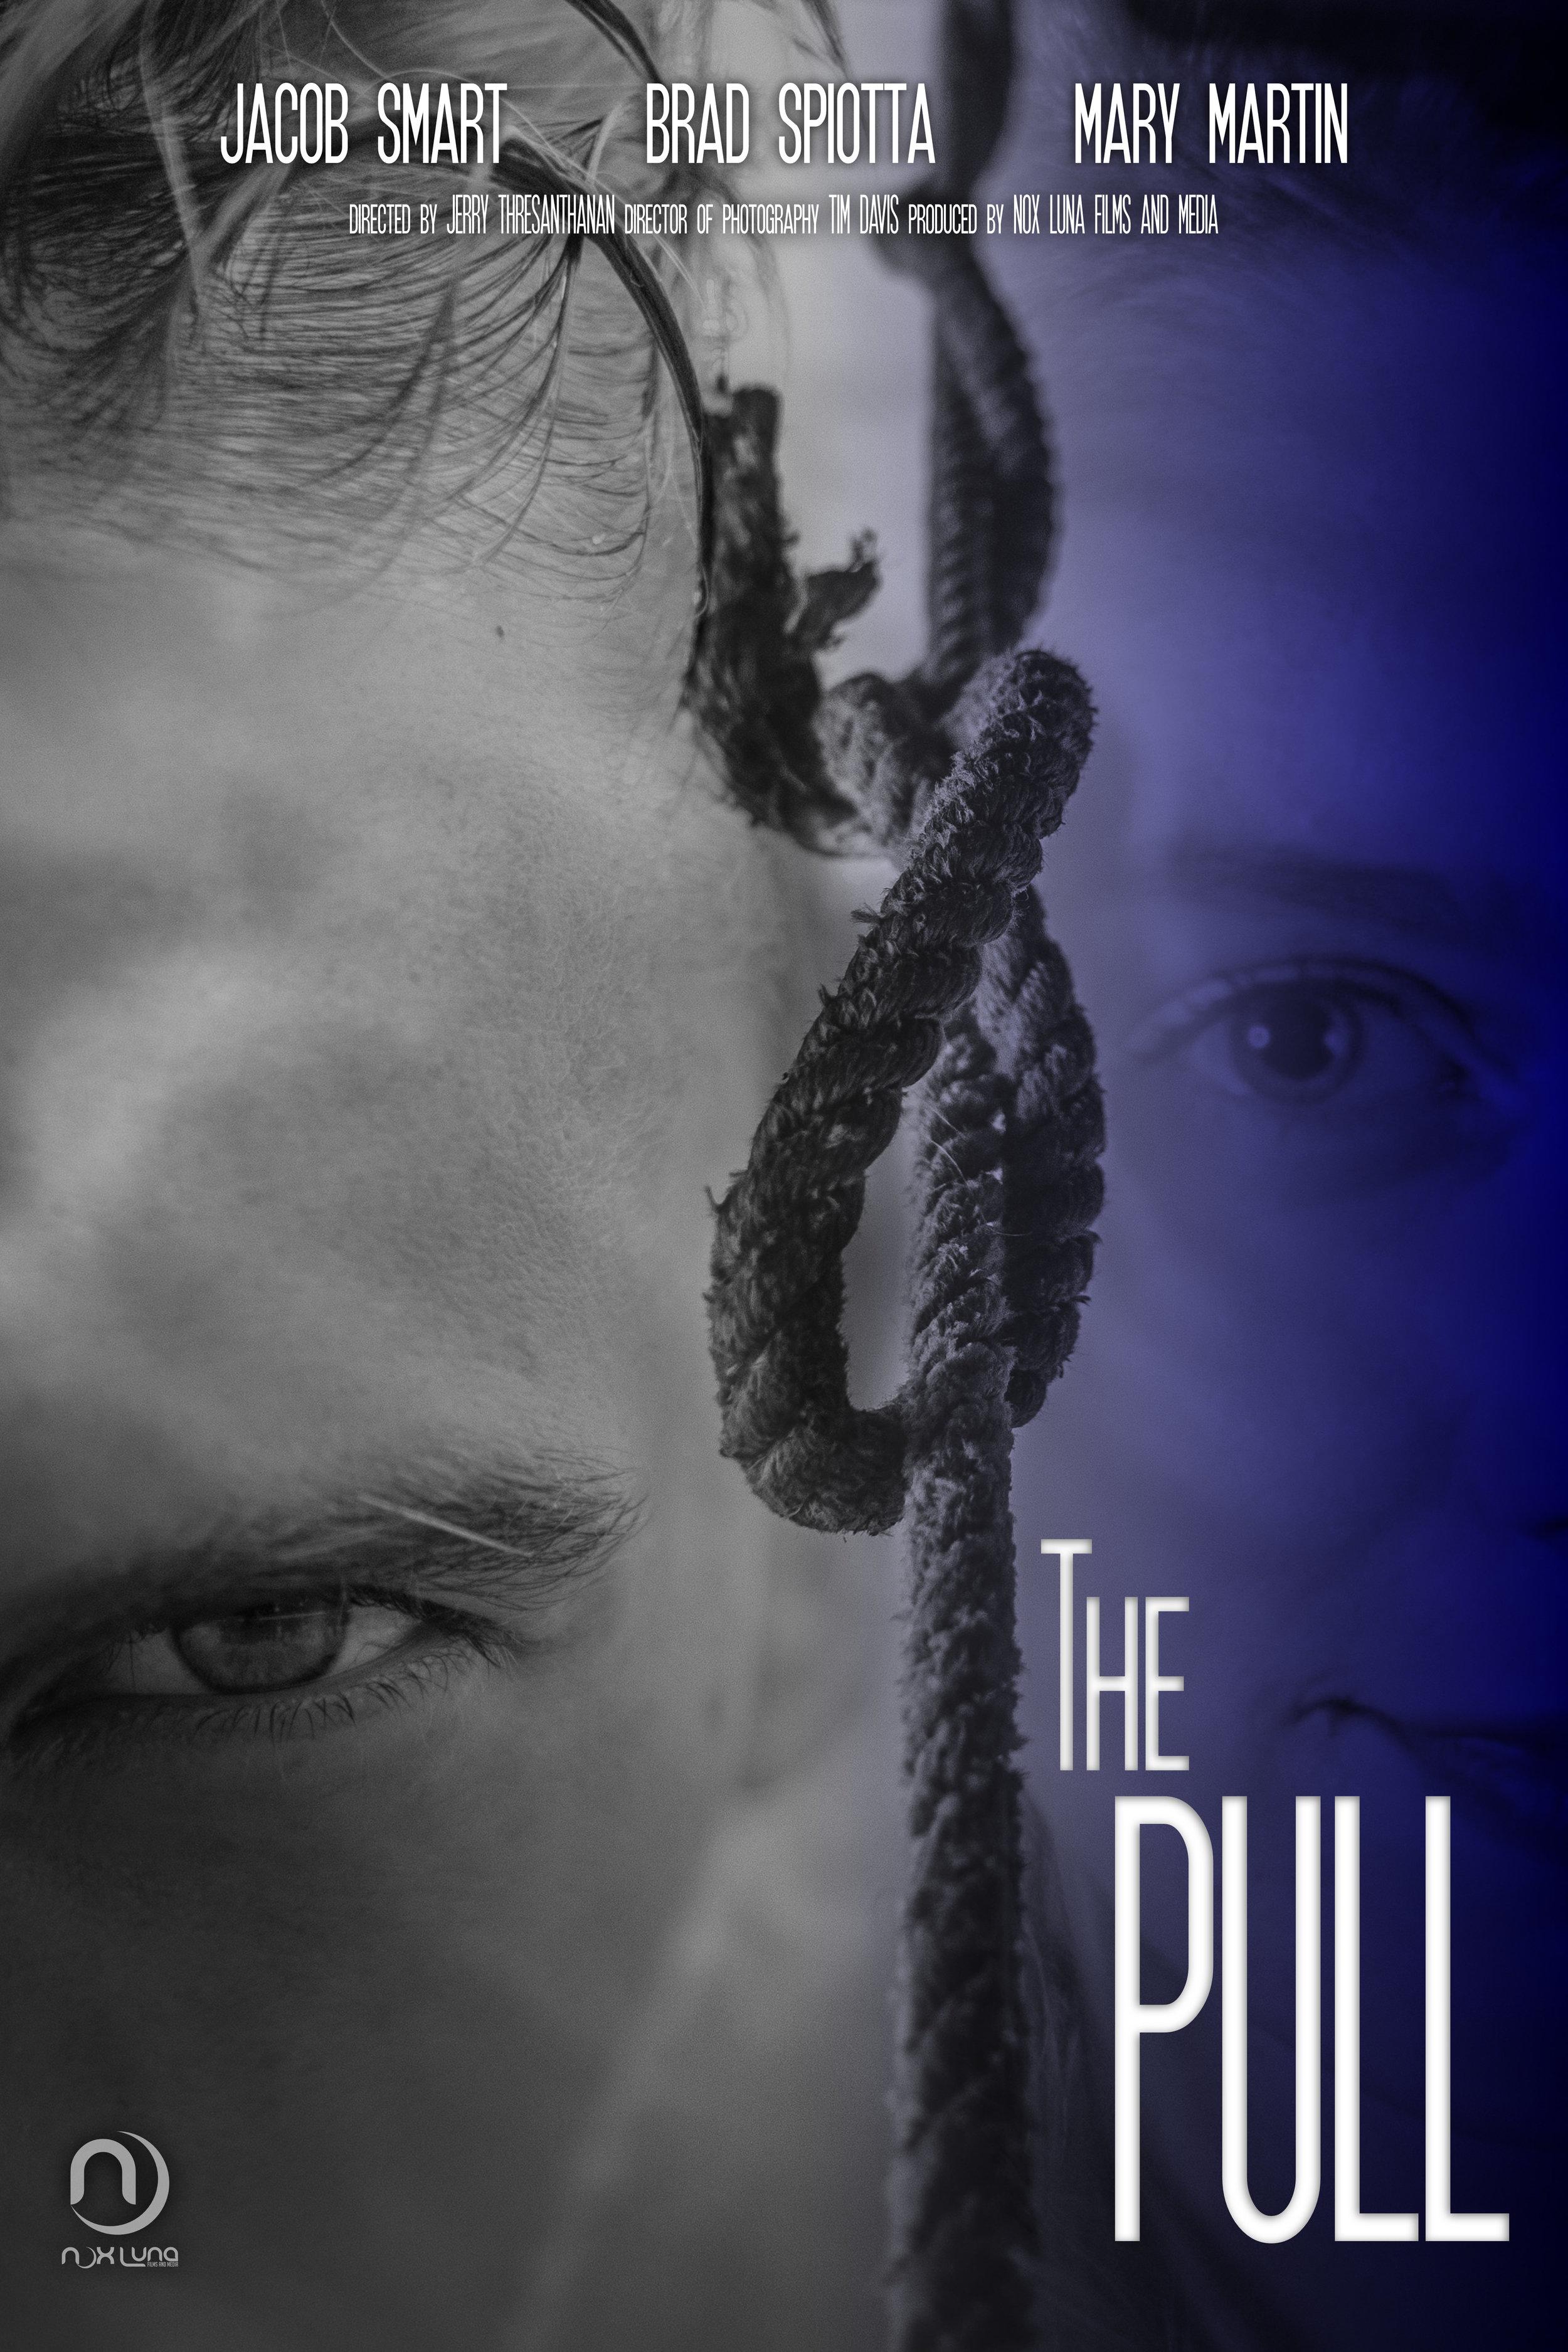 ThePull Poster2.jpg